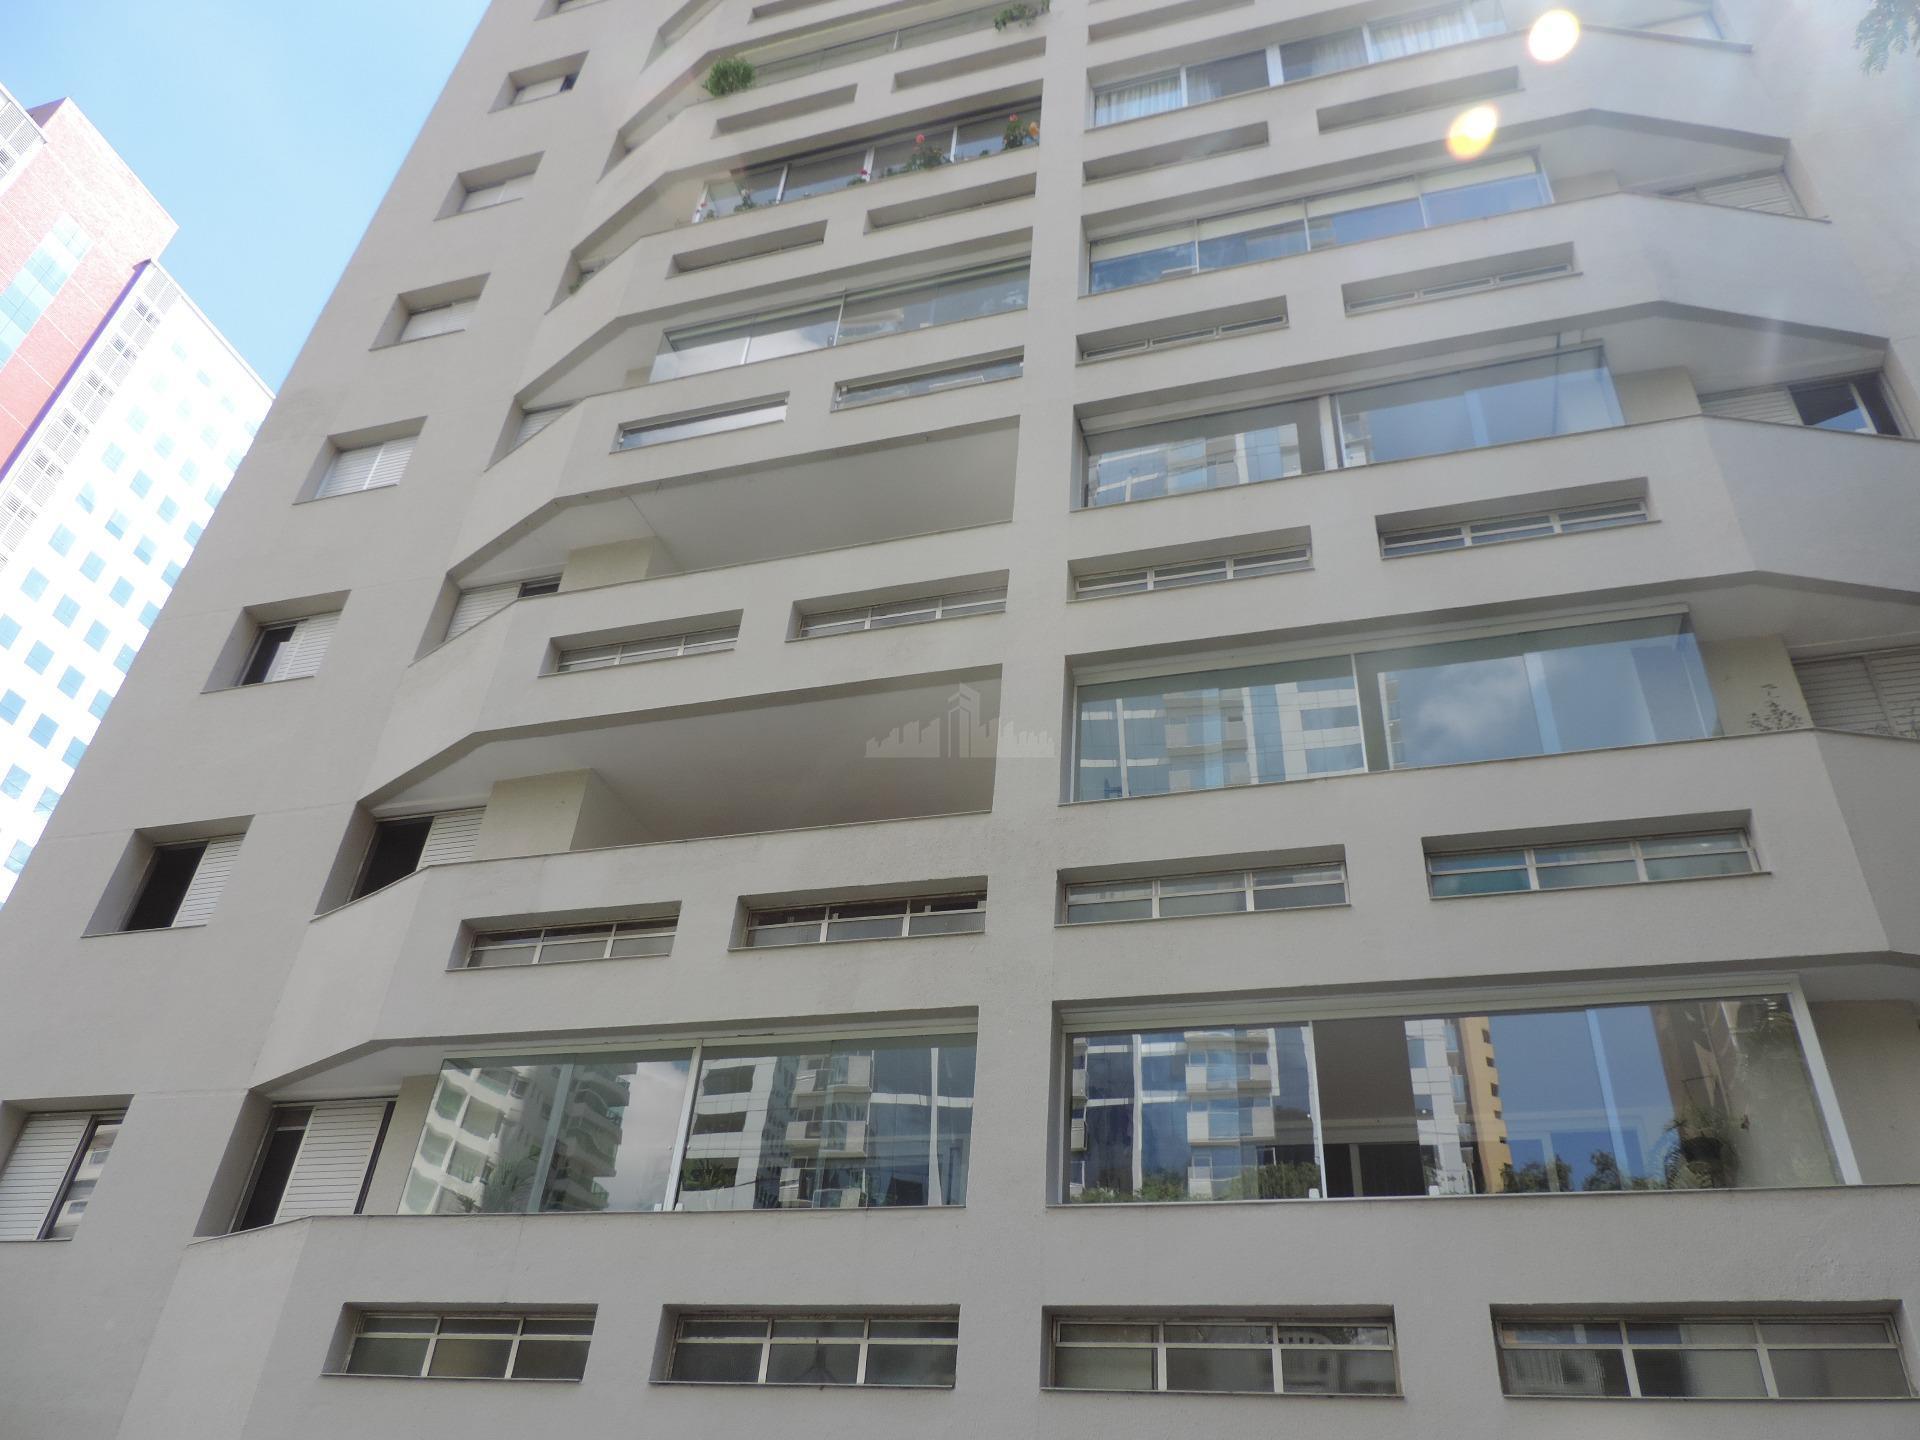 Apartamento com 3 dormitórios para alugar, 130 m² por R$ 3.000/mês - Alphaville - Barueri/SP